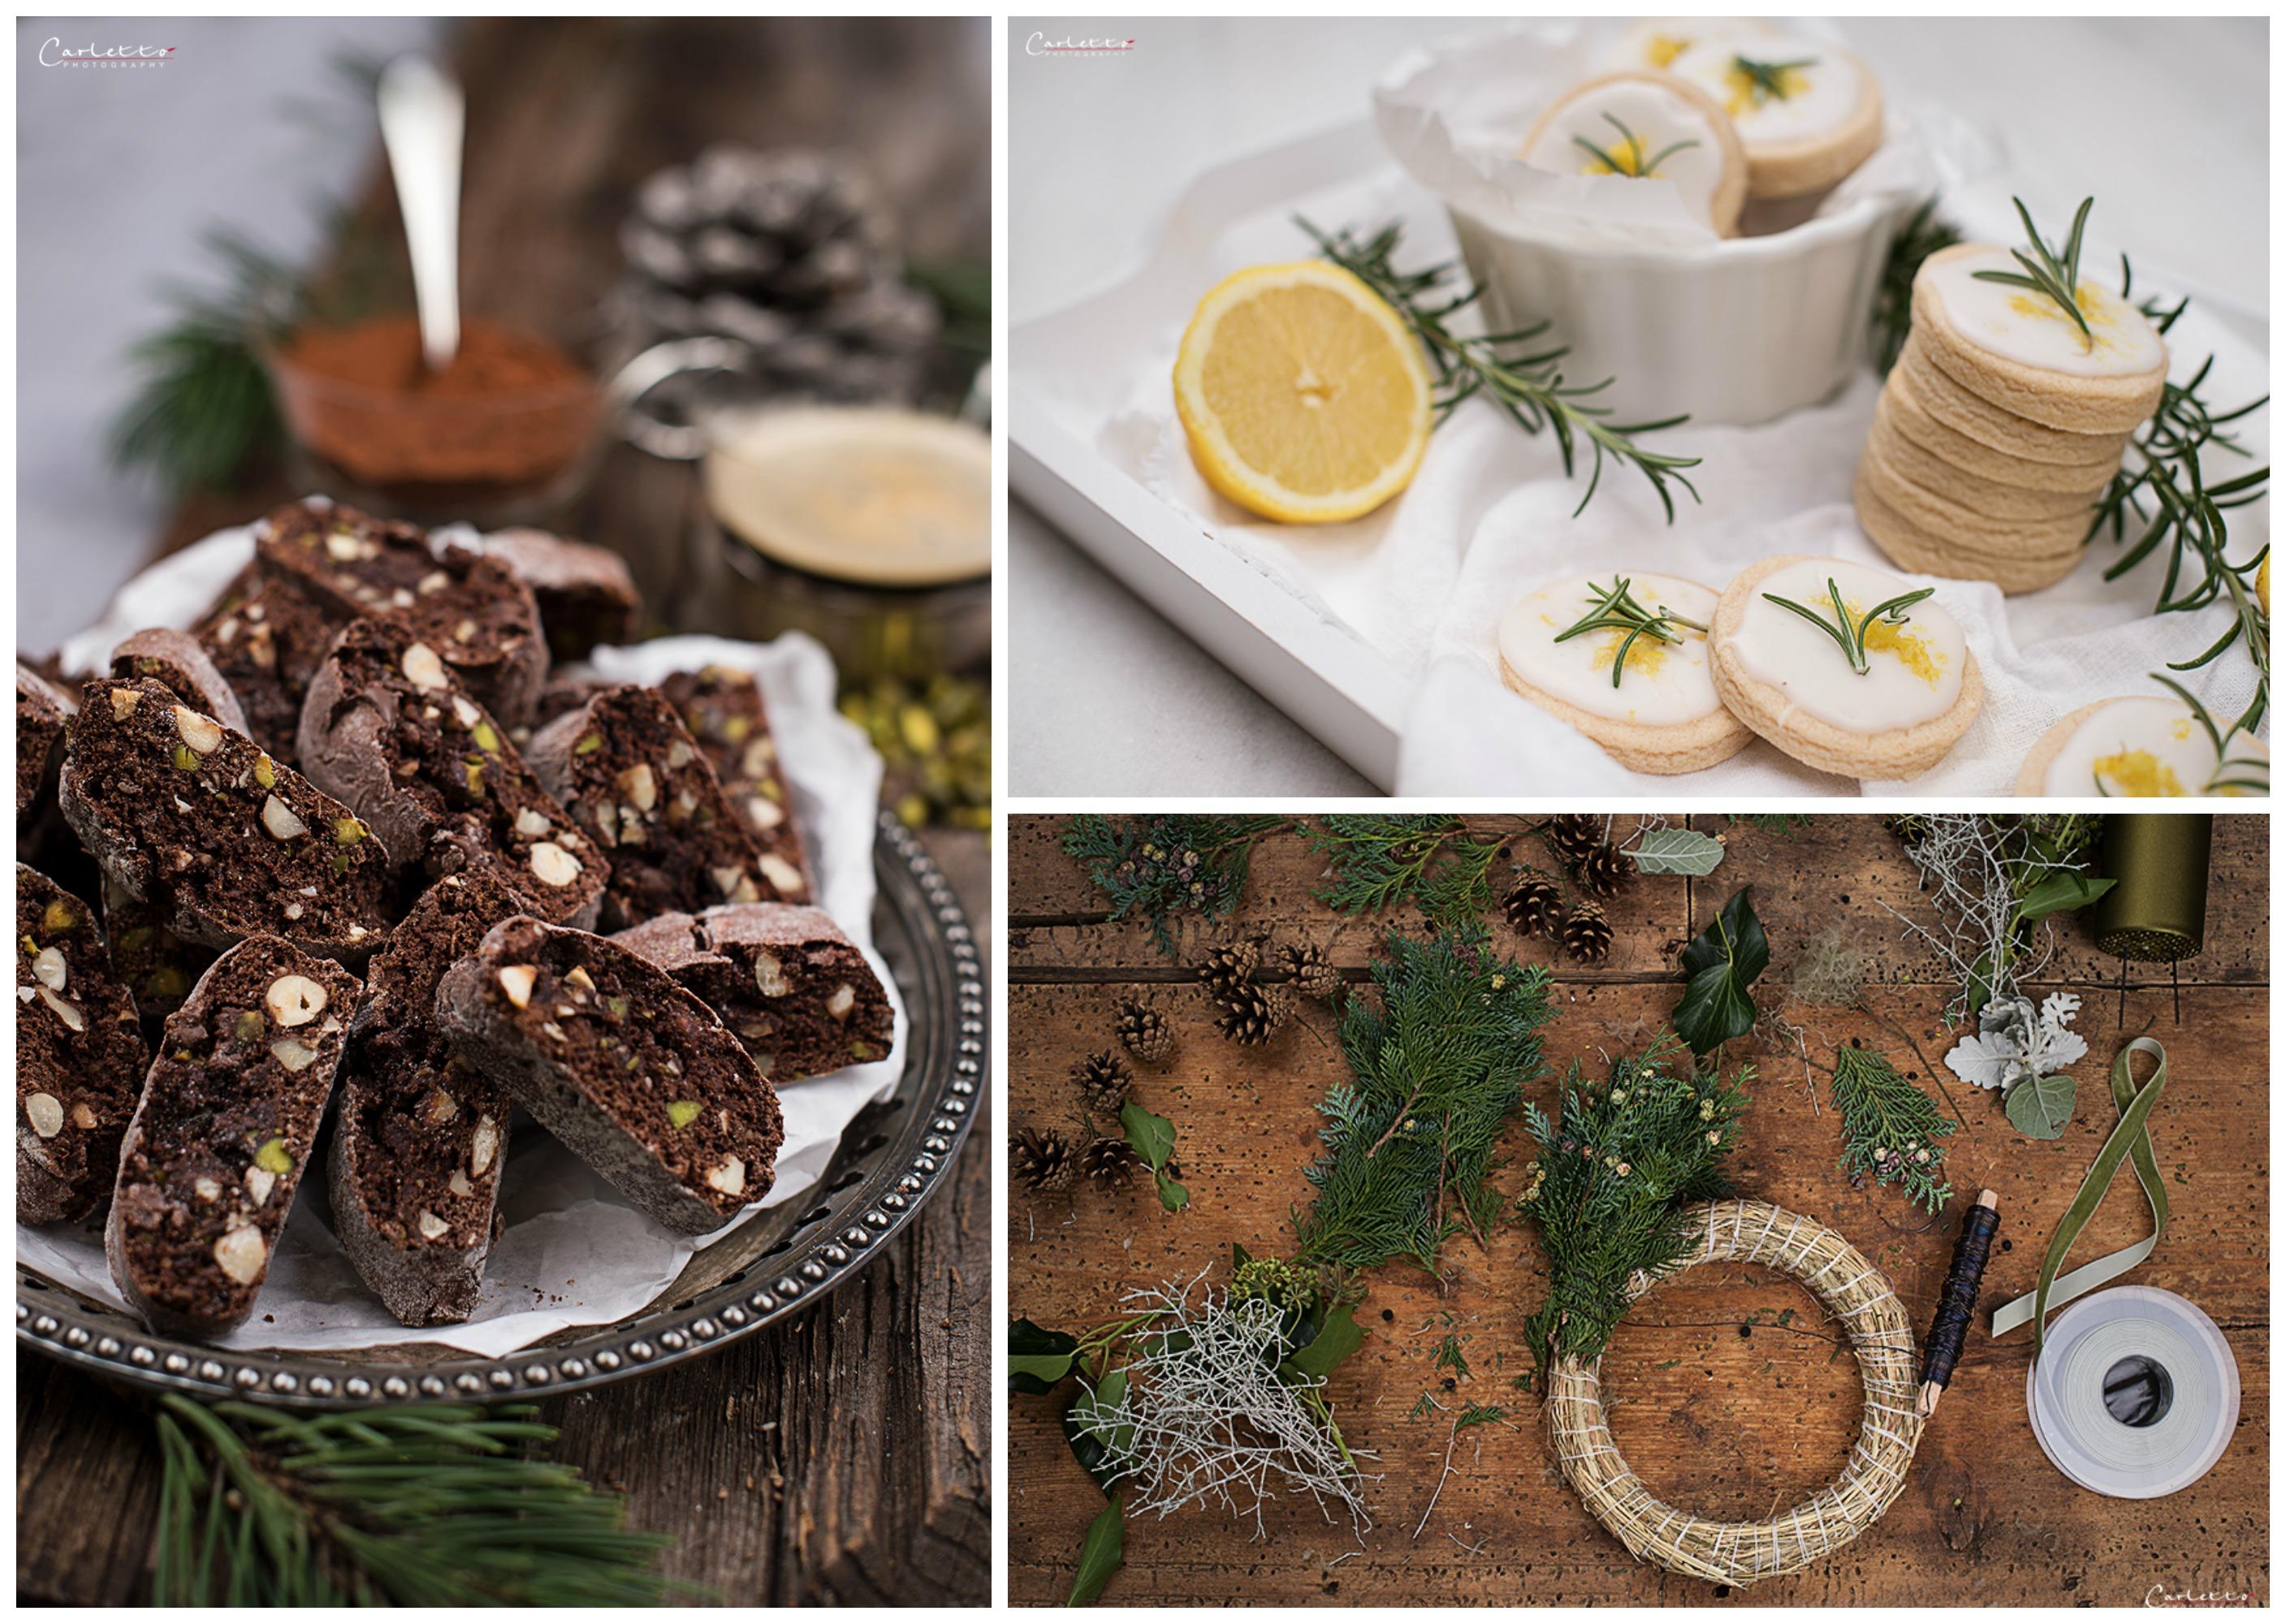 Kekse backen Kränze binden. weihnachtlicher Workshop